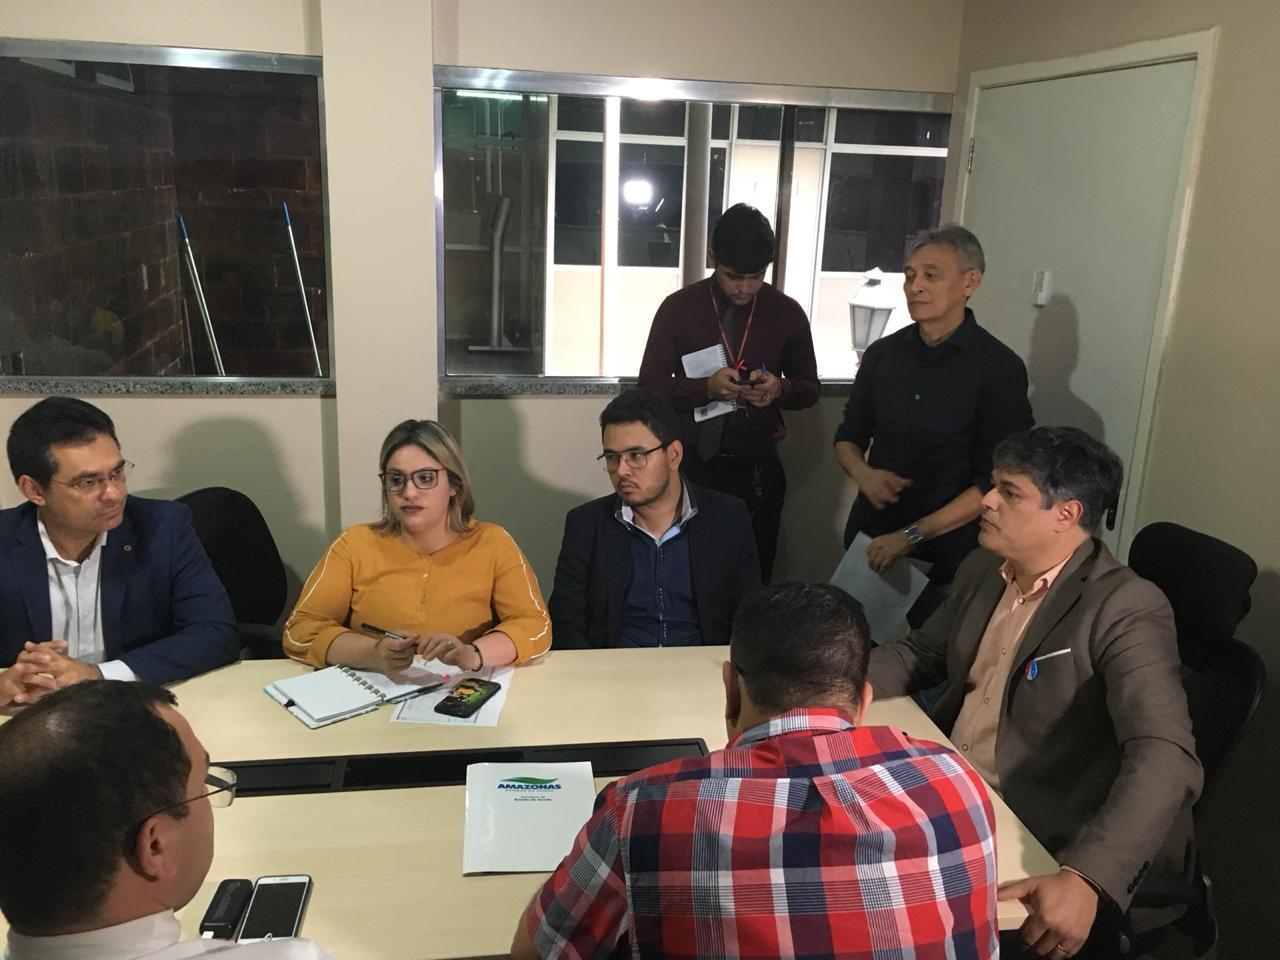 Governo do Estado deve absorver mão de obra terceirizada, afirma secretário de Saúde, Rodrigo Tobias / Foto: Divulgação/Susam